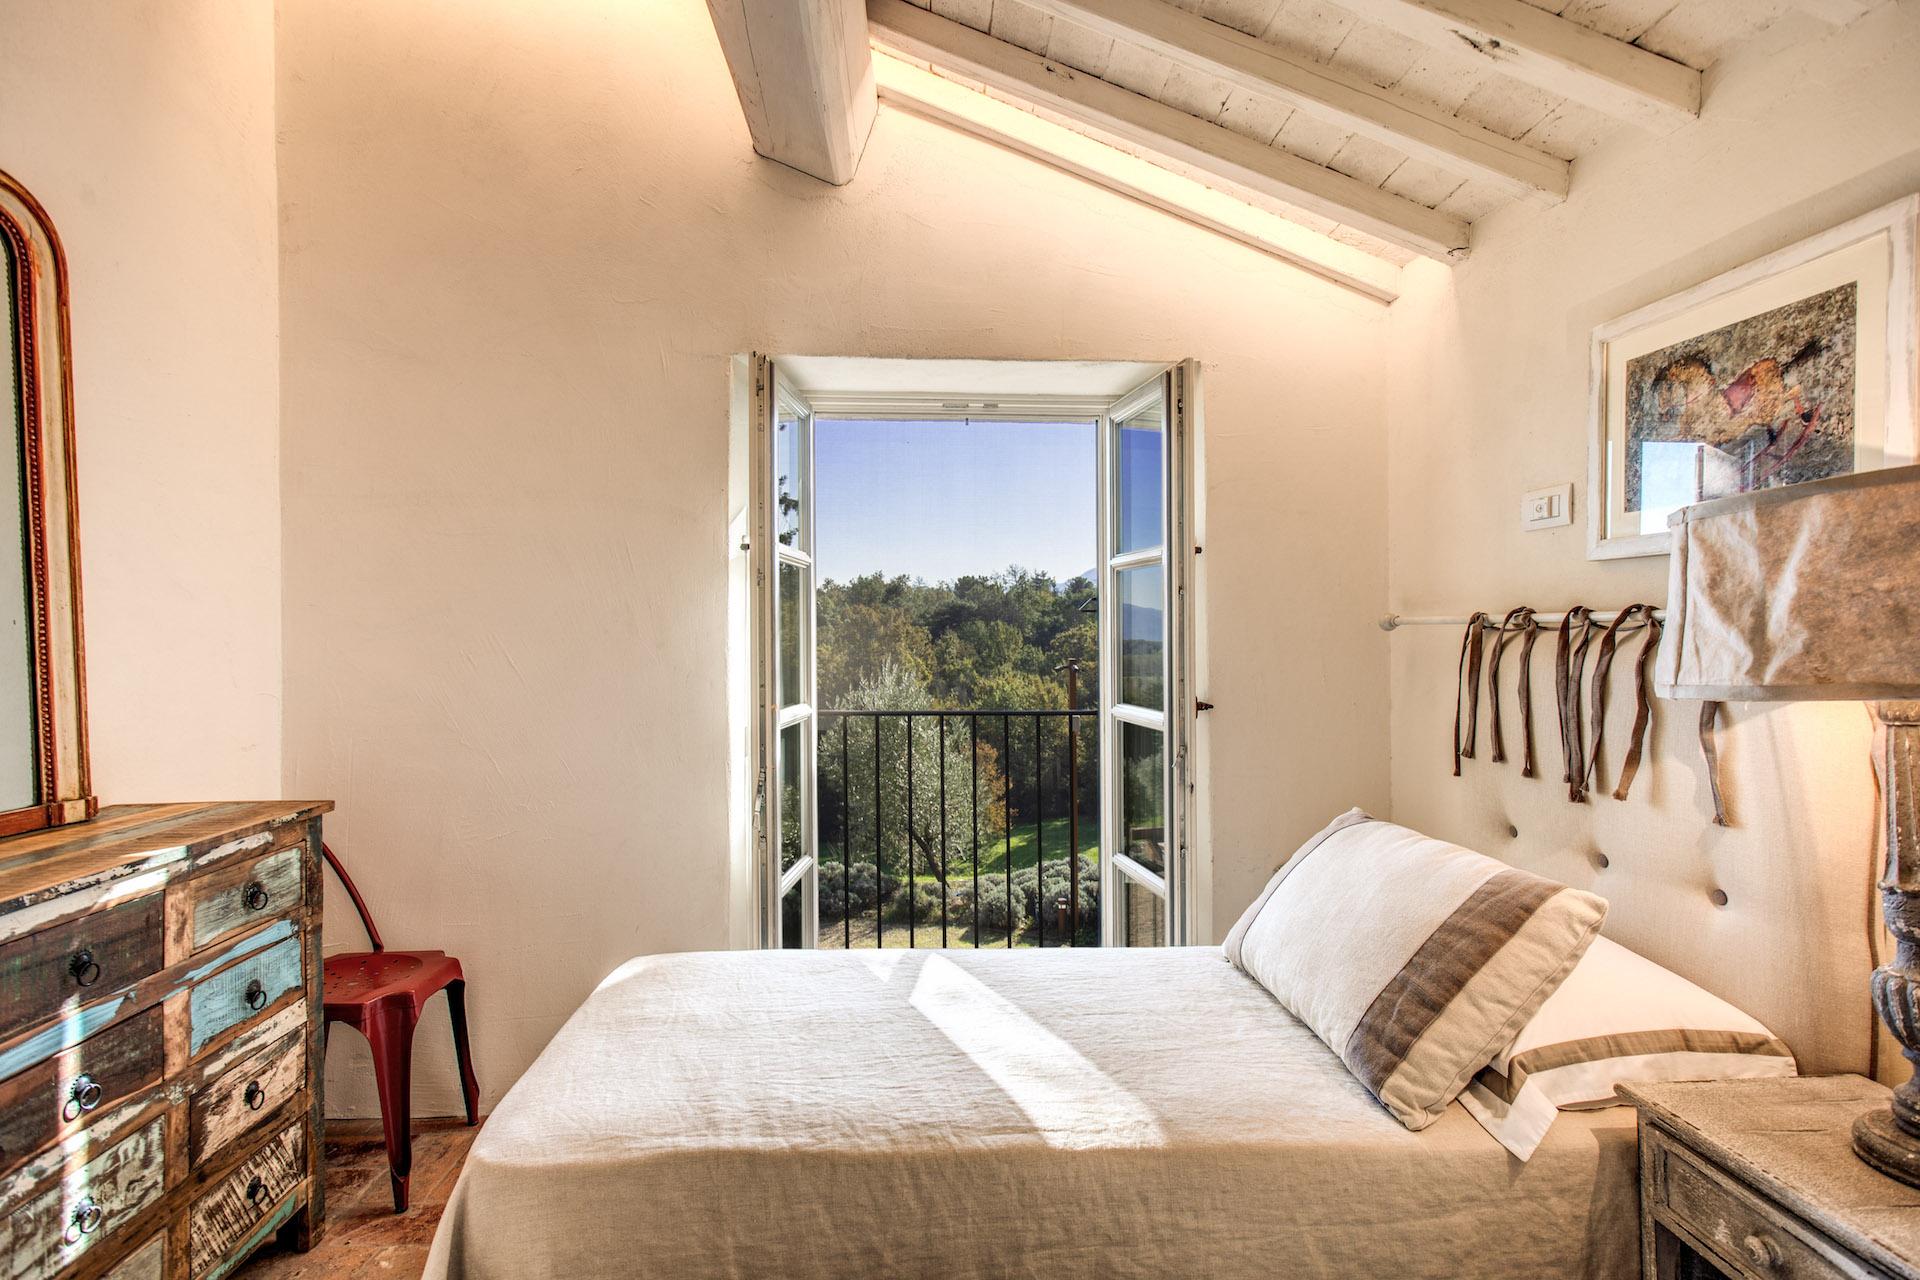 VillaAnnex Bedroom2 01